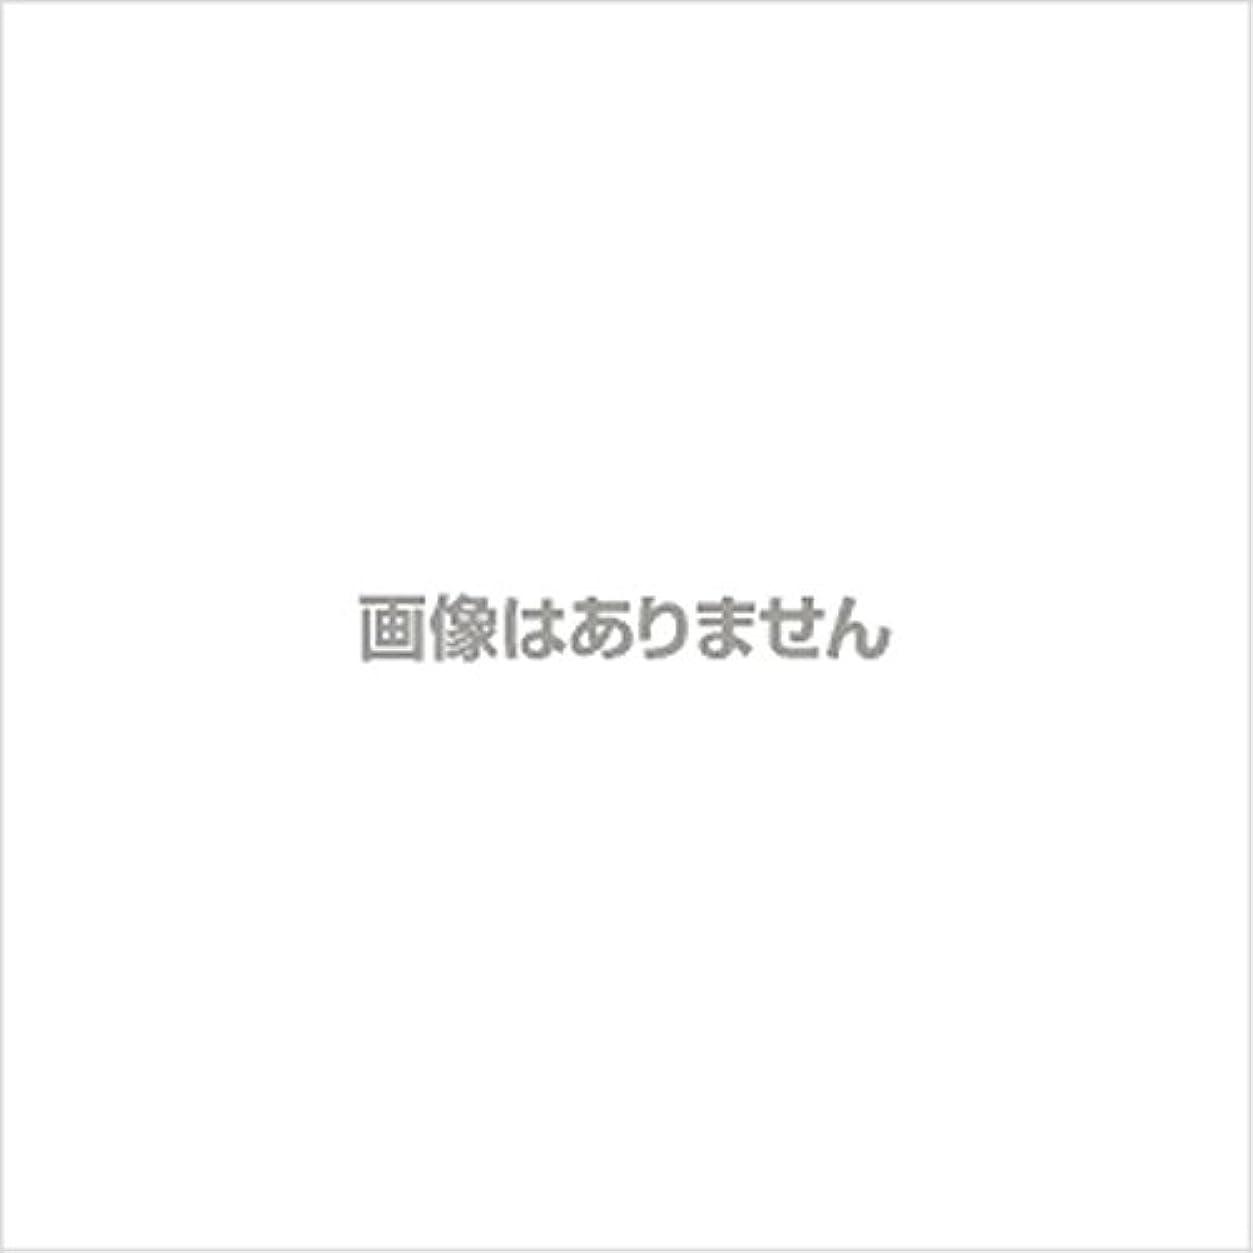 硬化する紫の泥棒新発売】EBUKEA エブケアNO1004 プラスチックグローブ(パウダーフリー?粉なし)Mサイズ 100枚入(極薄?半透明)